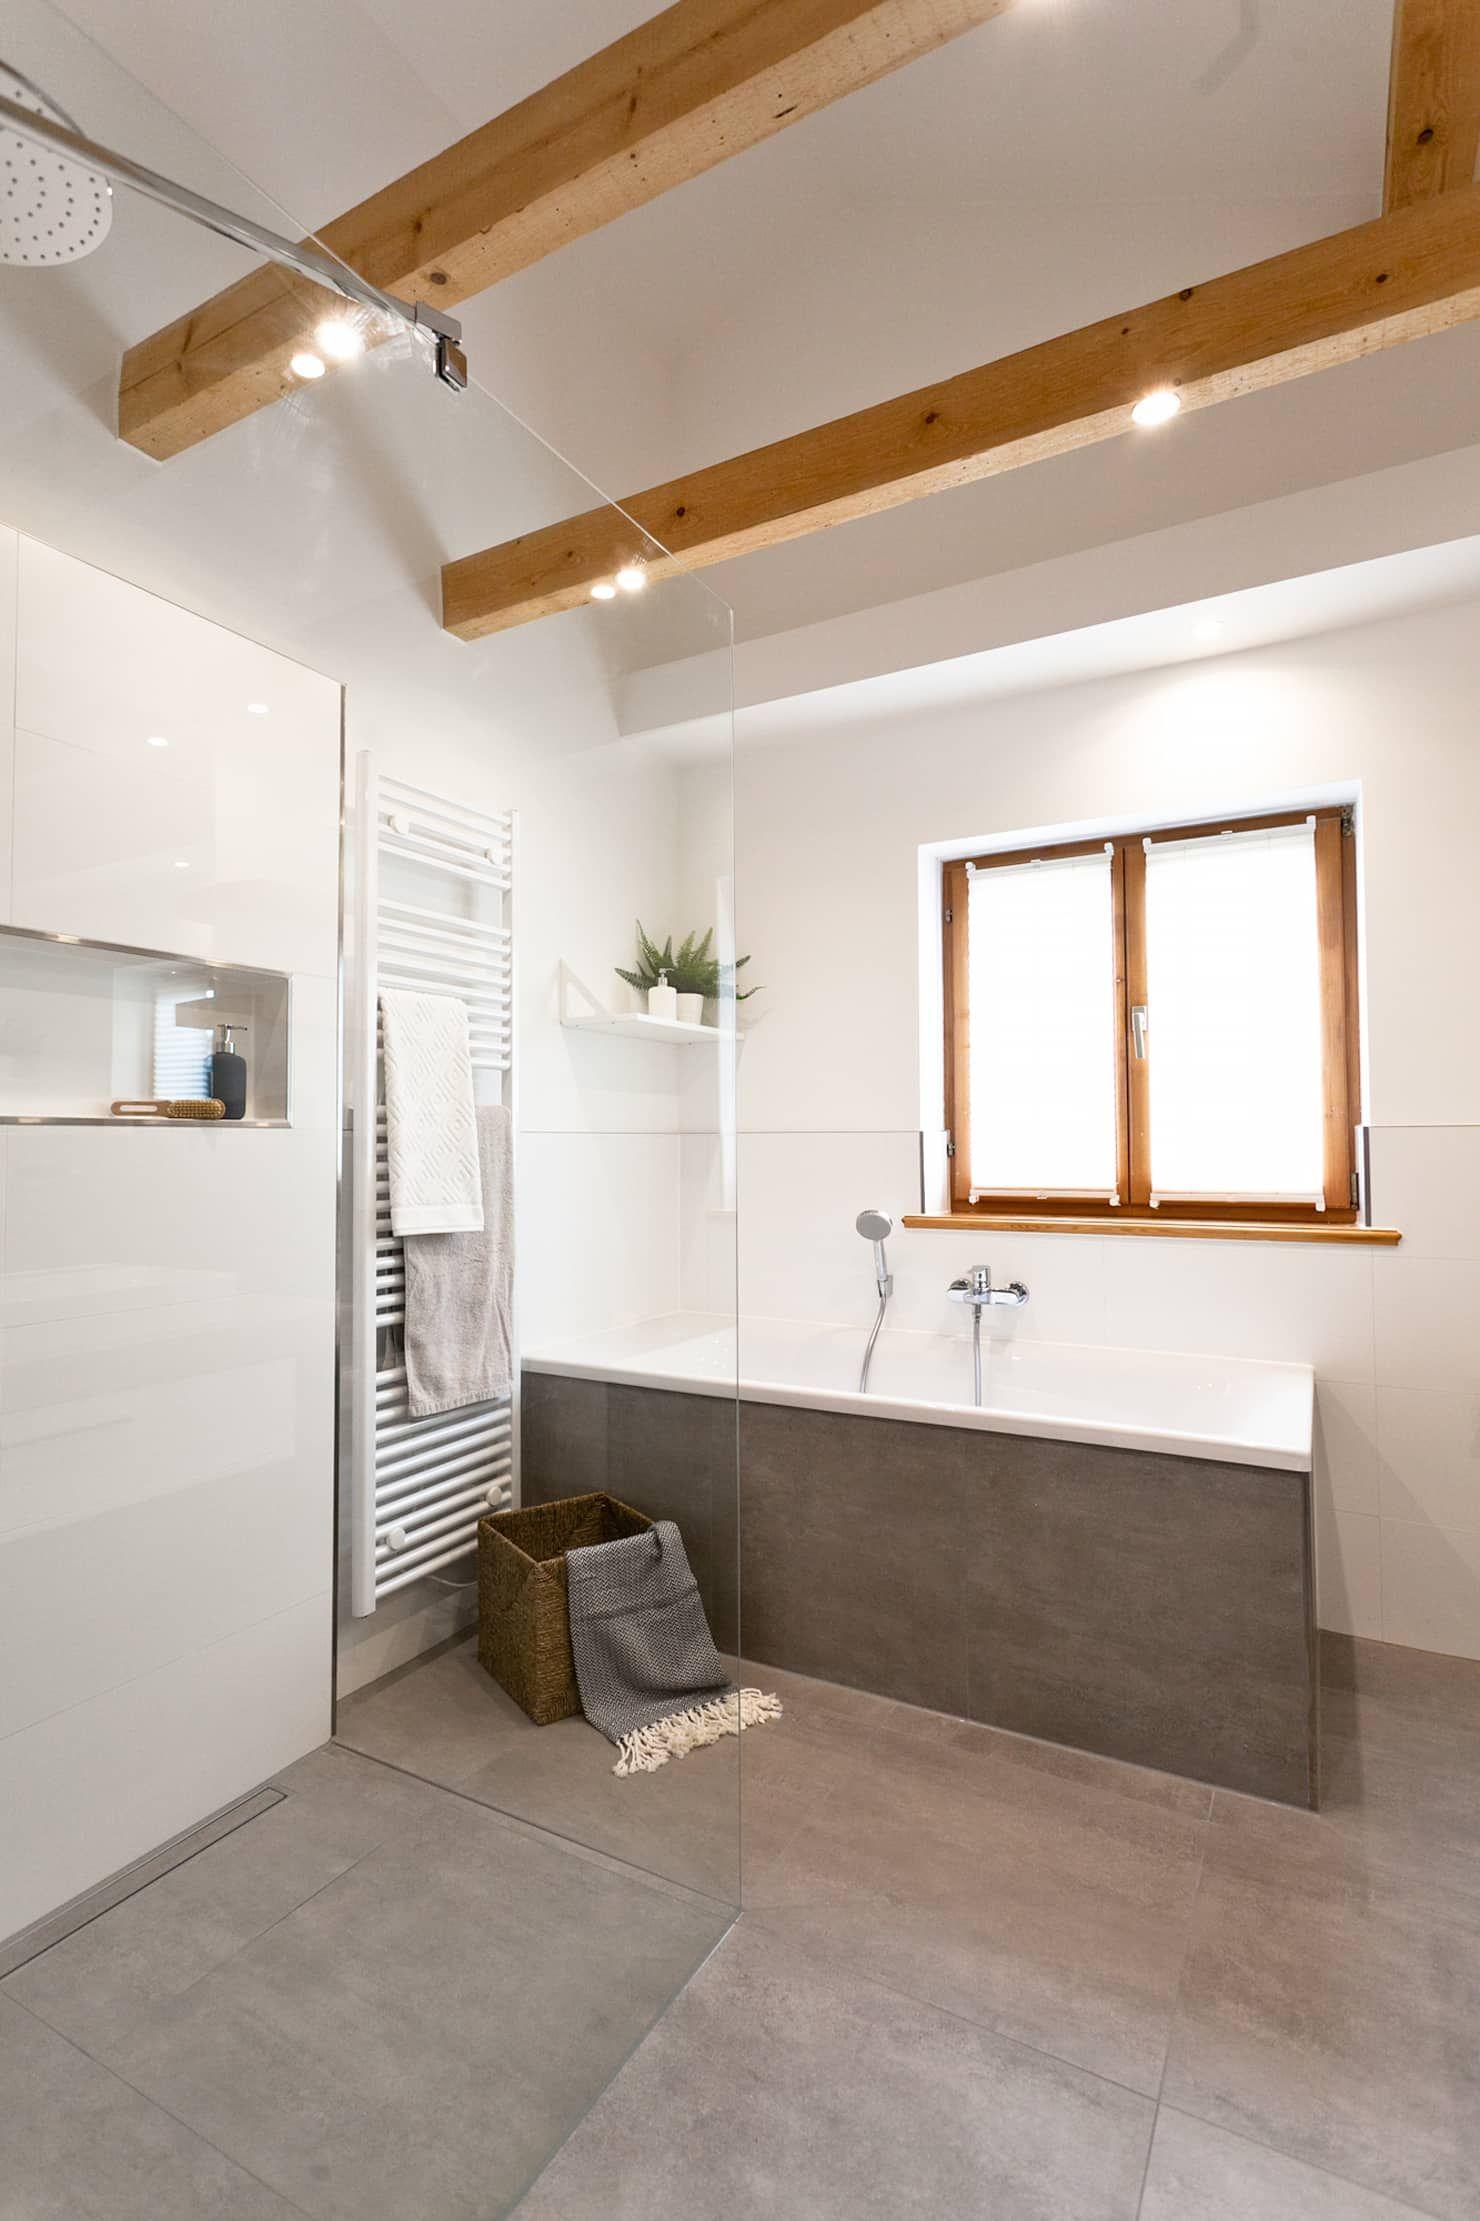 Großes badezimmer mit fliesen in betonoptik: badezimmer von banovo gmbh,rustikal #designbuanderie